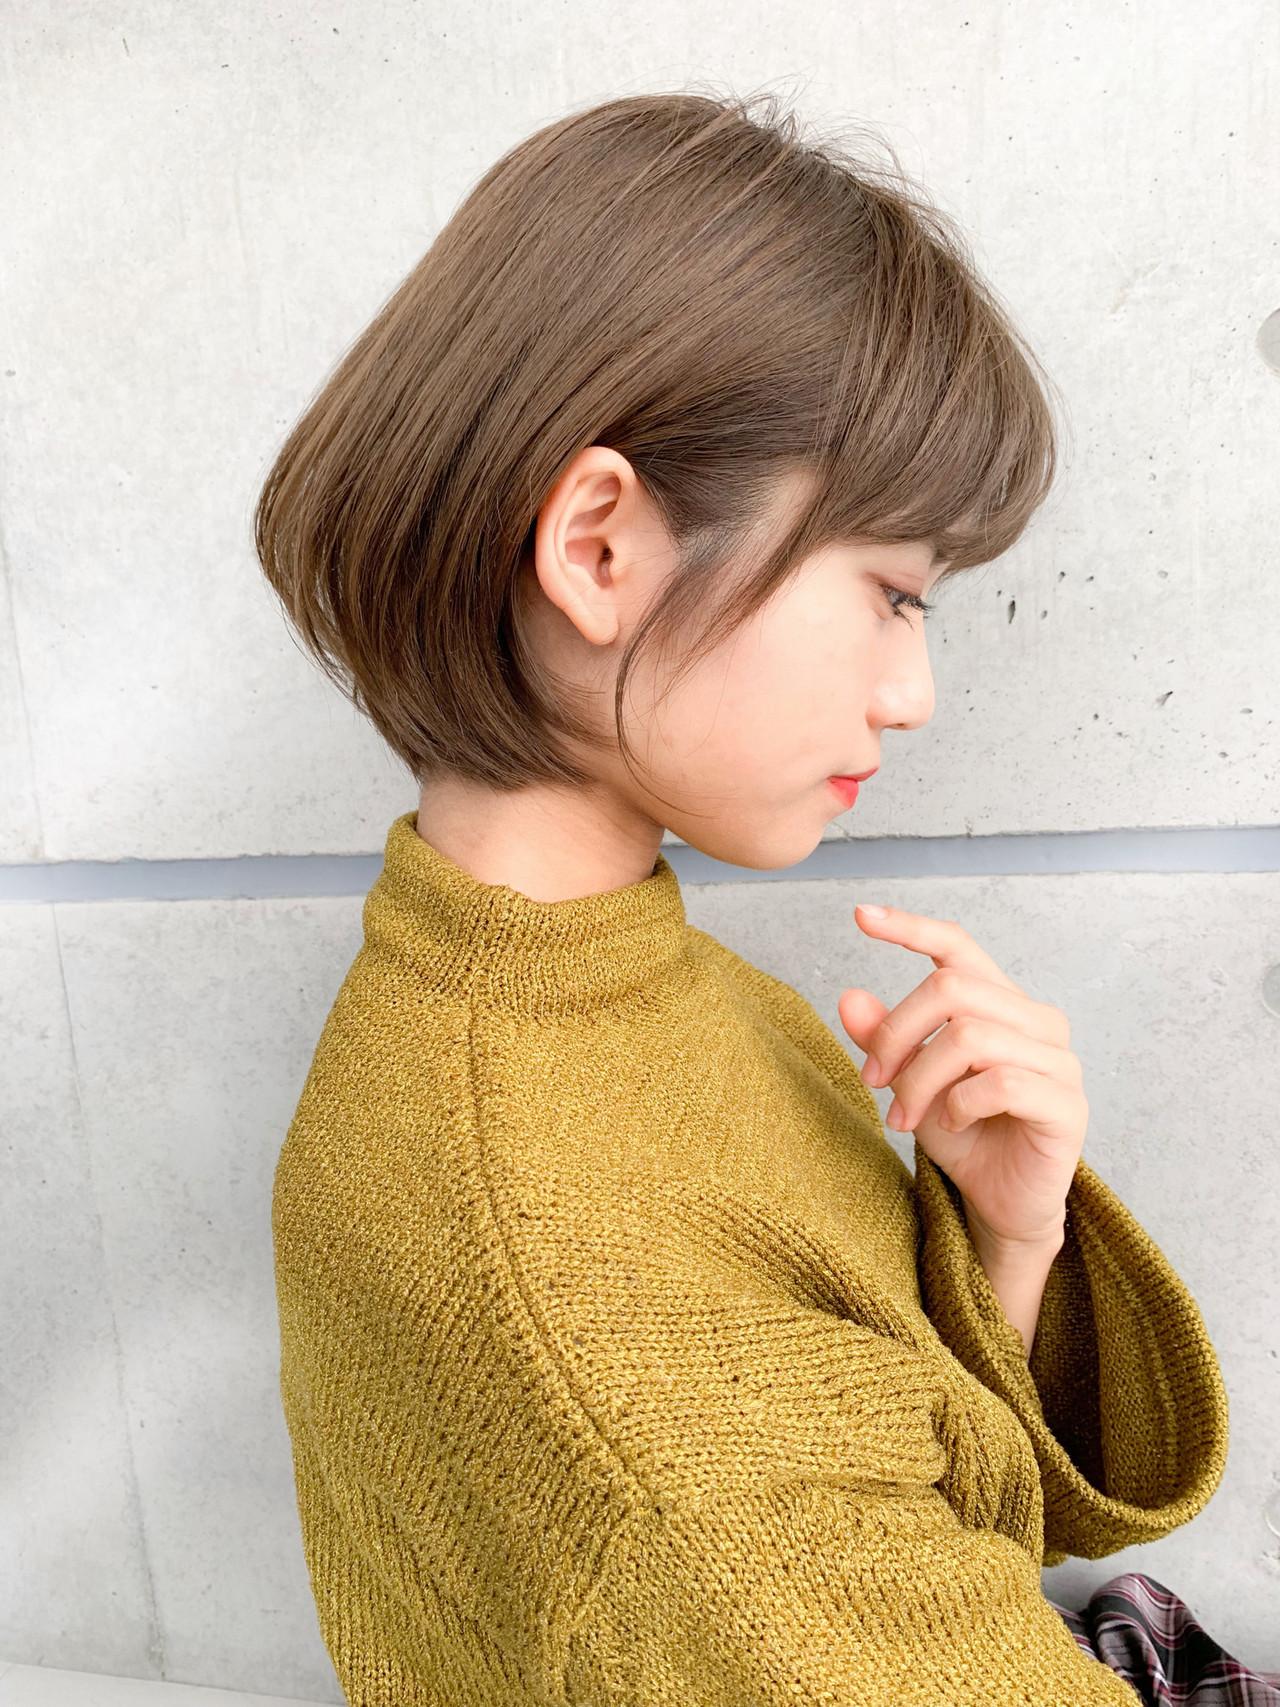 小顔ショート アンニュイほつれヘア アウトドア ボブ ヘアスタイルや髪型の写真・画像